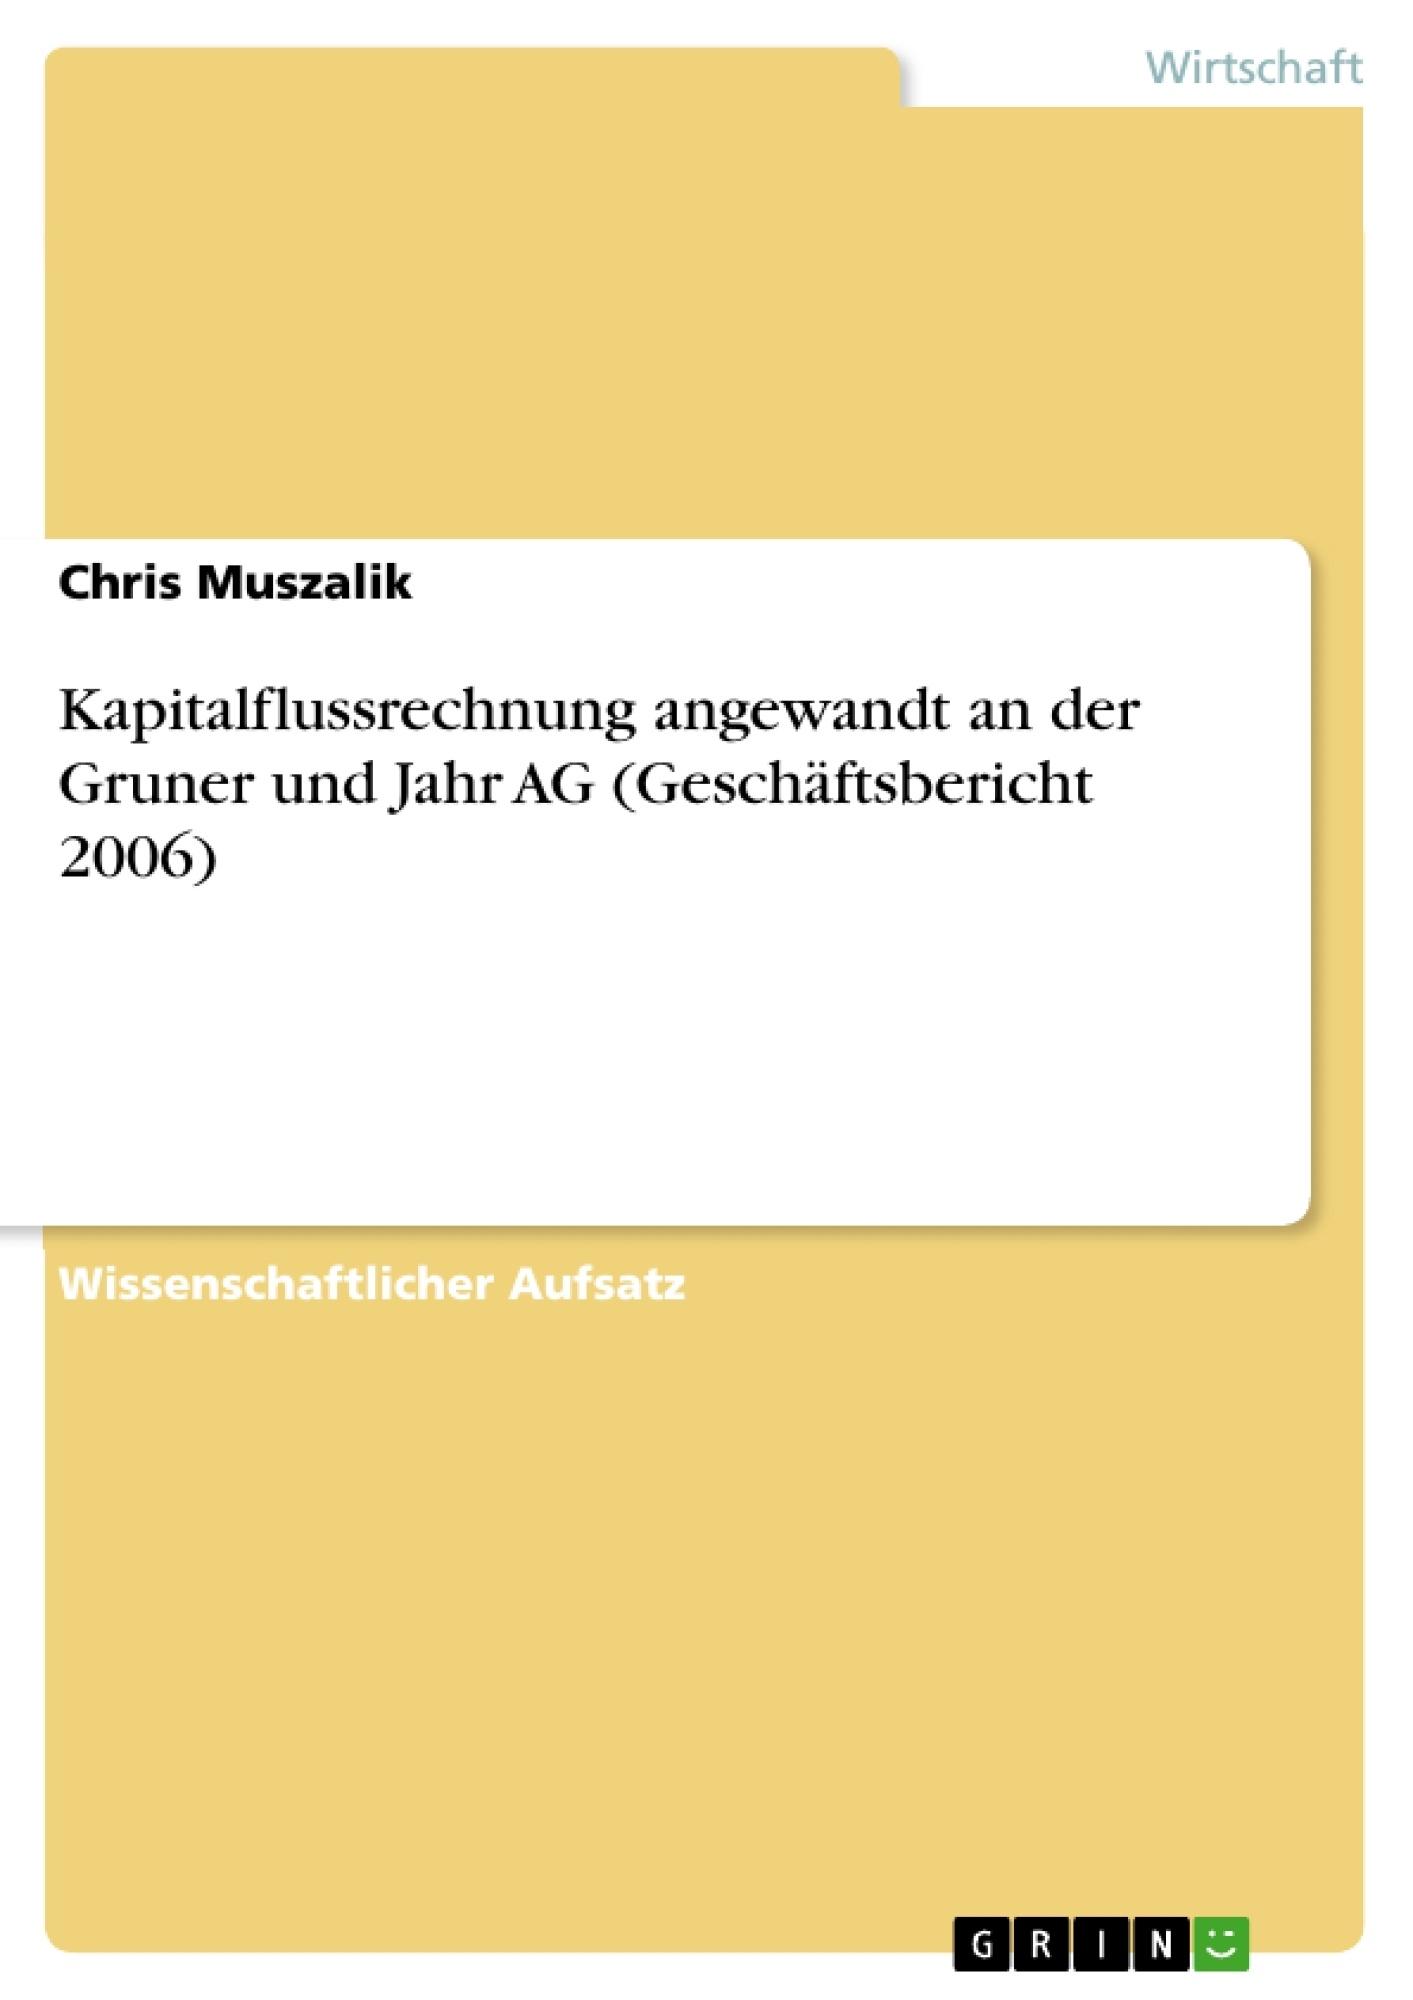 Titel: Kapitalflussrechnung angewandt an der Gruner und Jahr AG (Geschäftsbericht 2006)